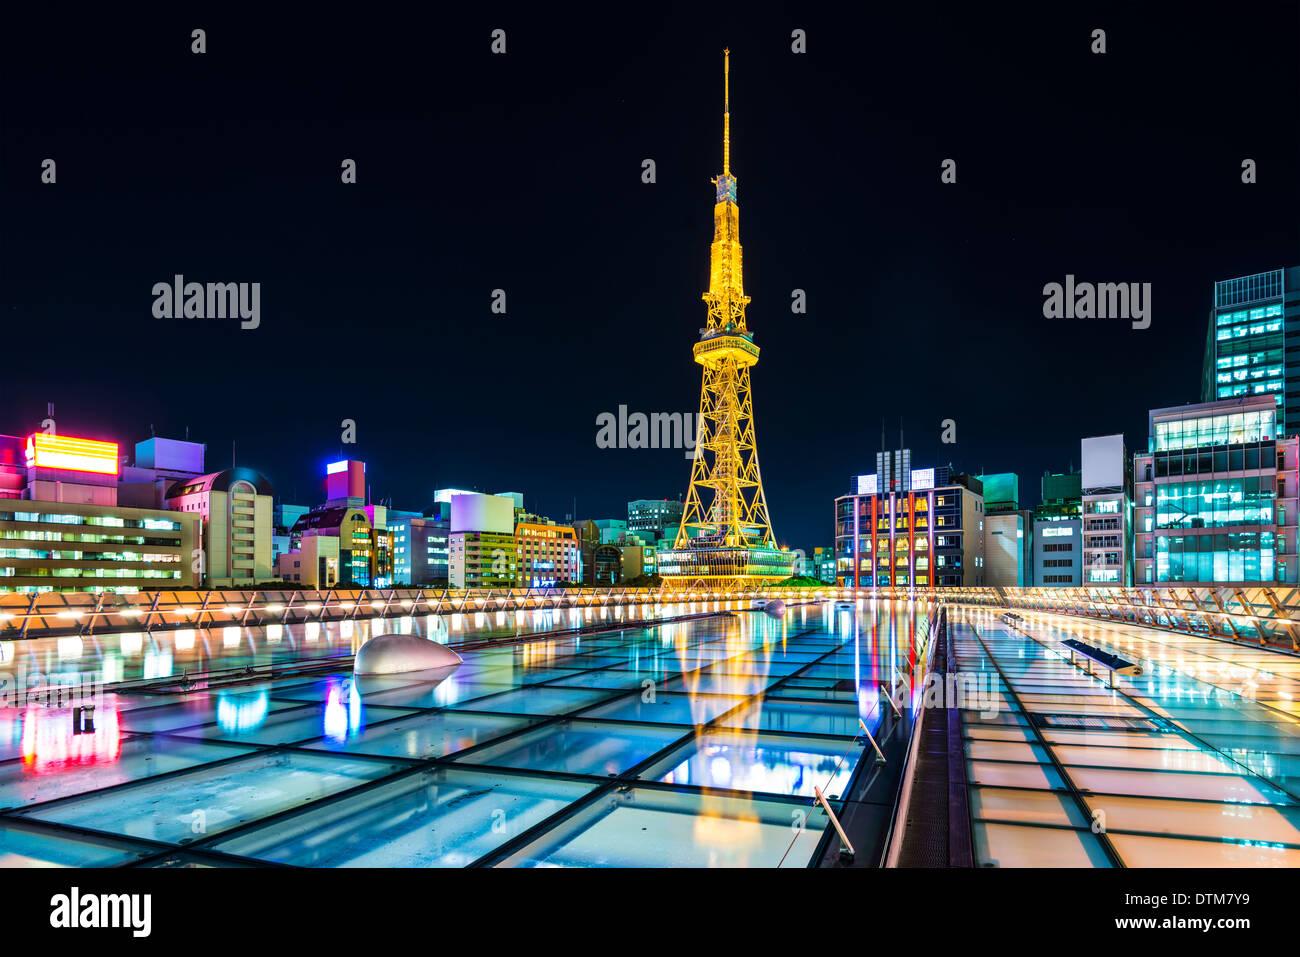 Nagoya, Japan city skyline with Nagoya Tower. - Stock Image